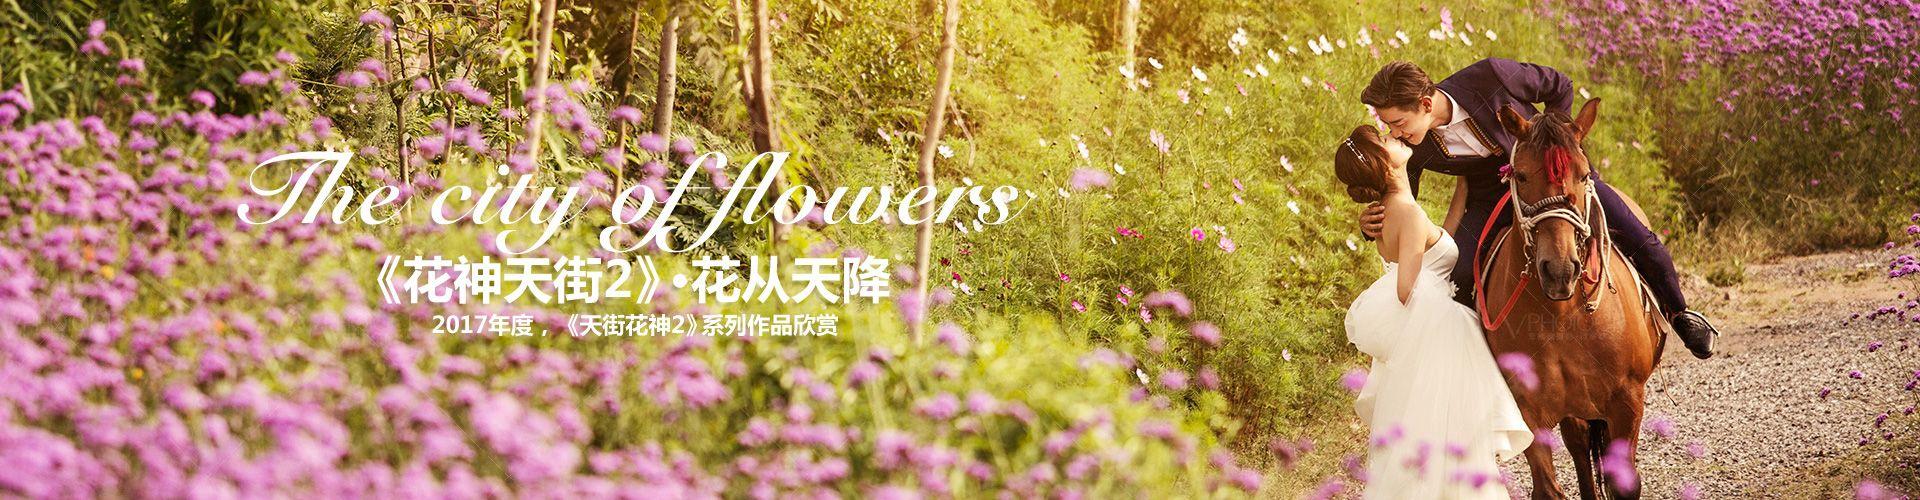 花从天降<花神天街>2花神系列